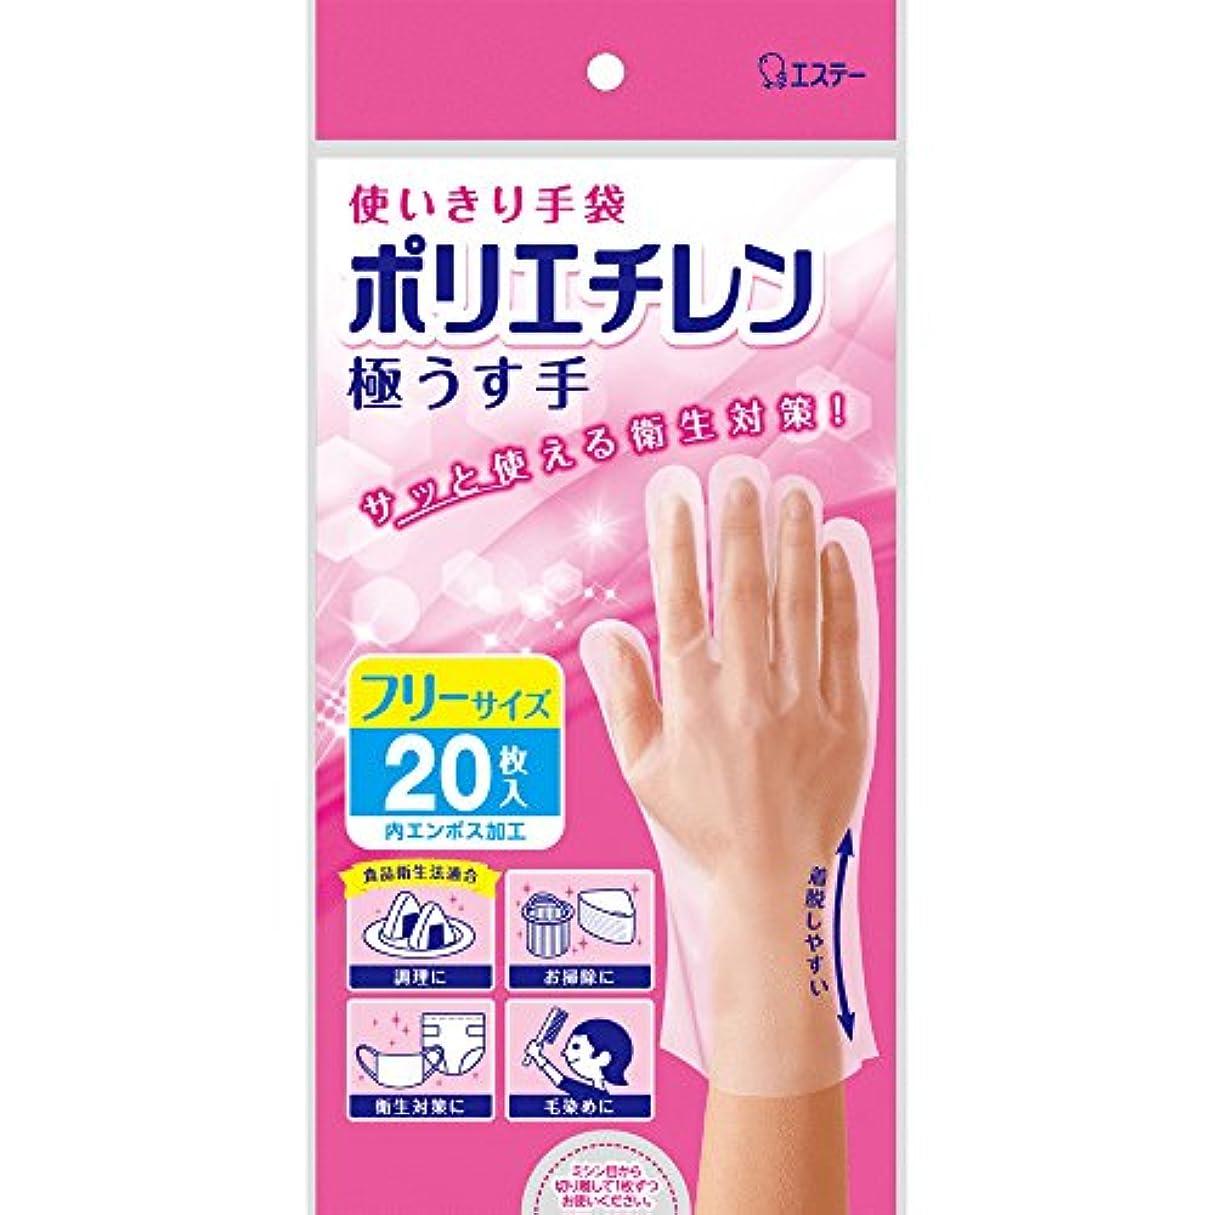 恩赦プラカード広範囲使いきり手袋 ポリエチレン 極うす手 フリーサイズ 半透明N20枚